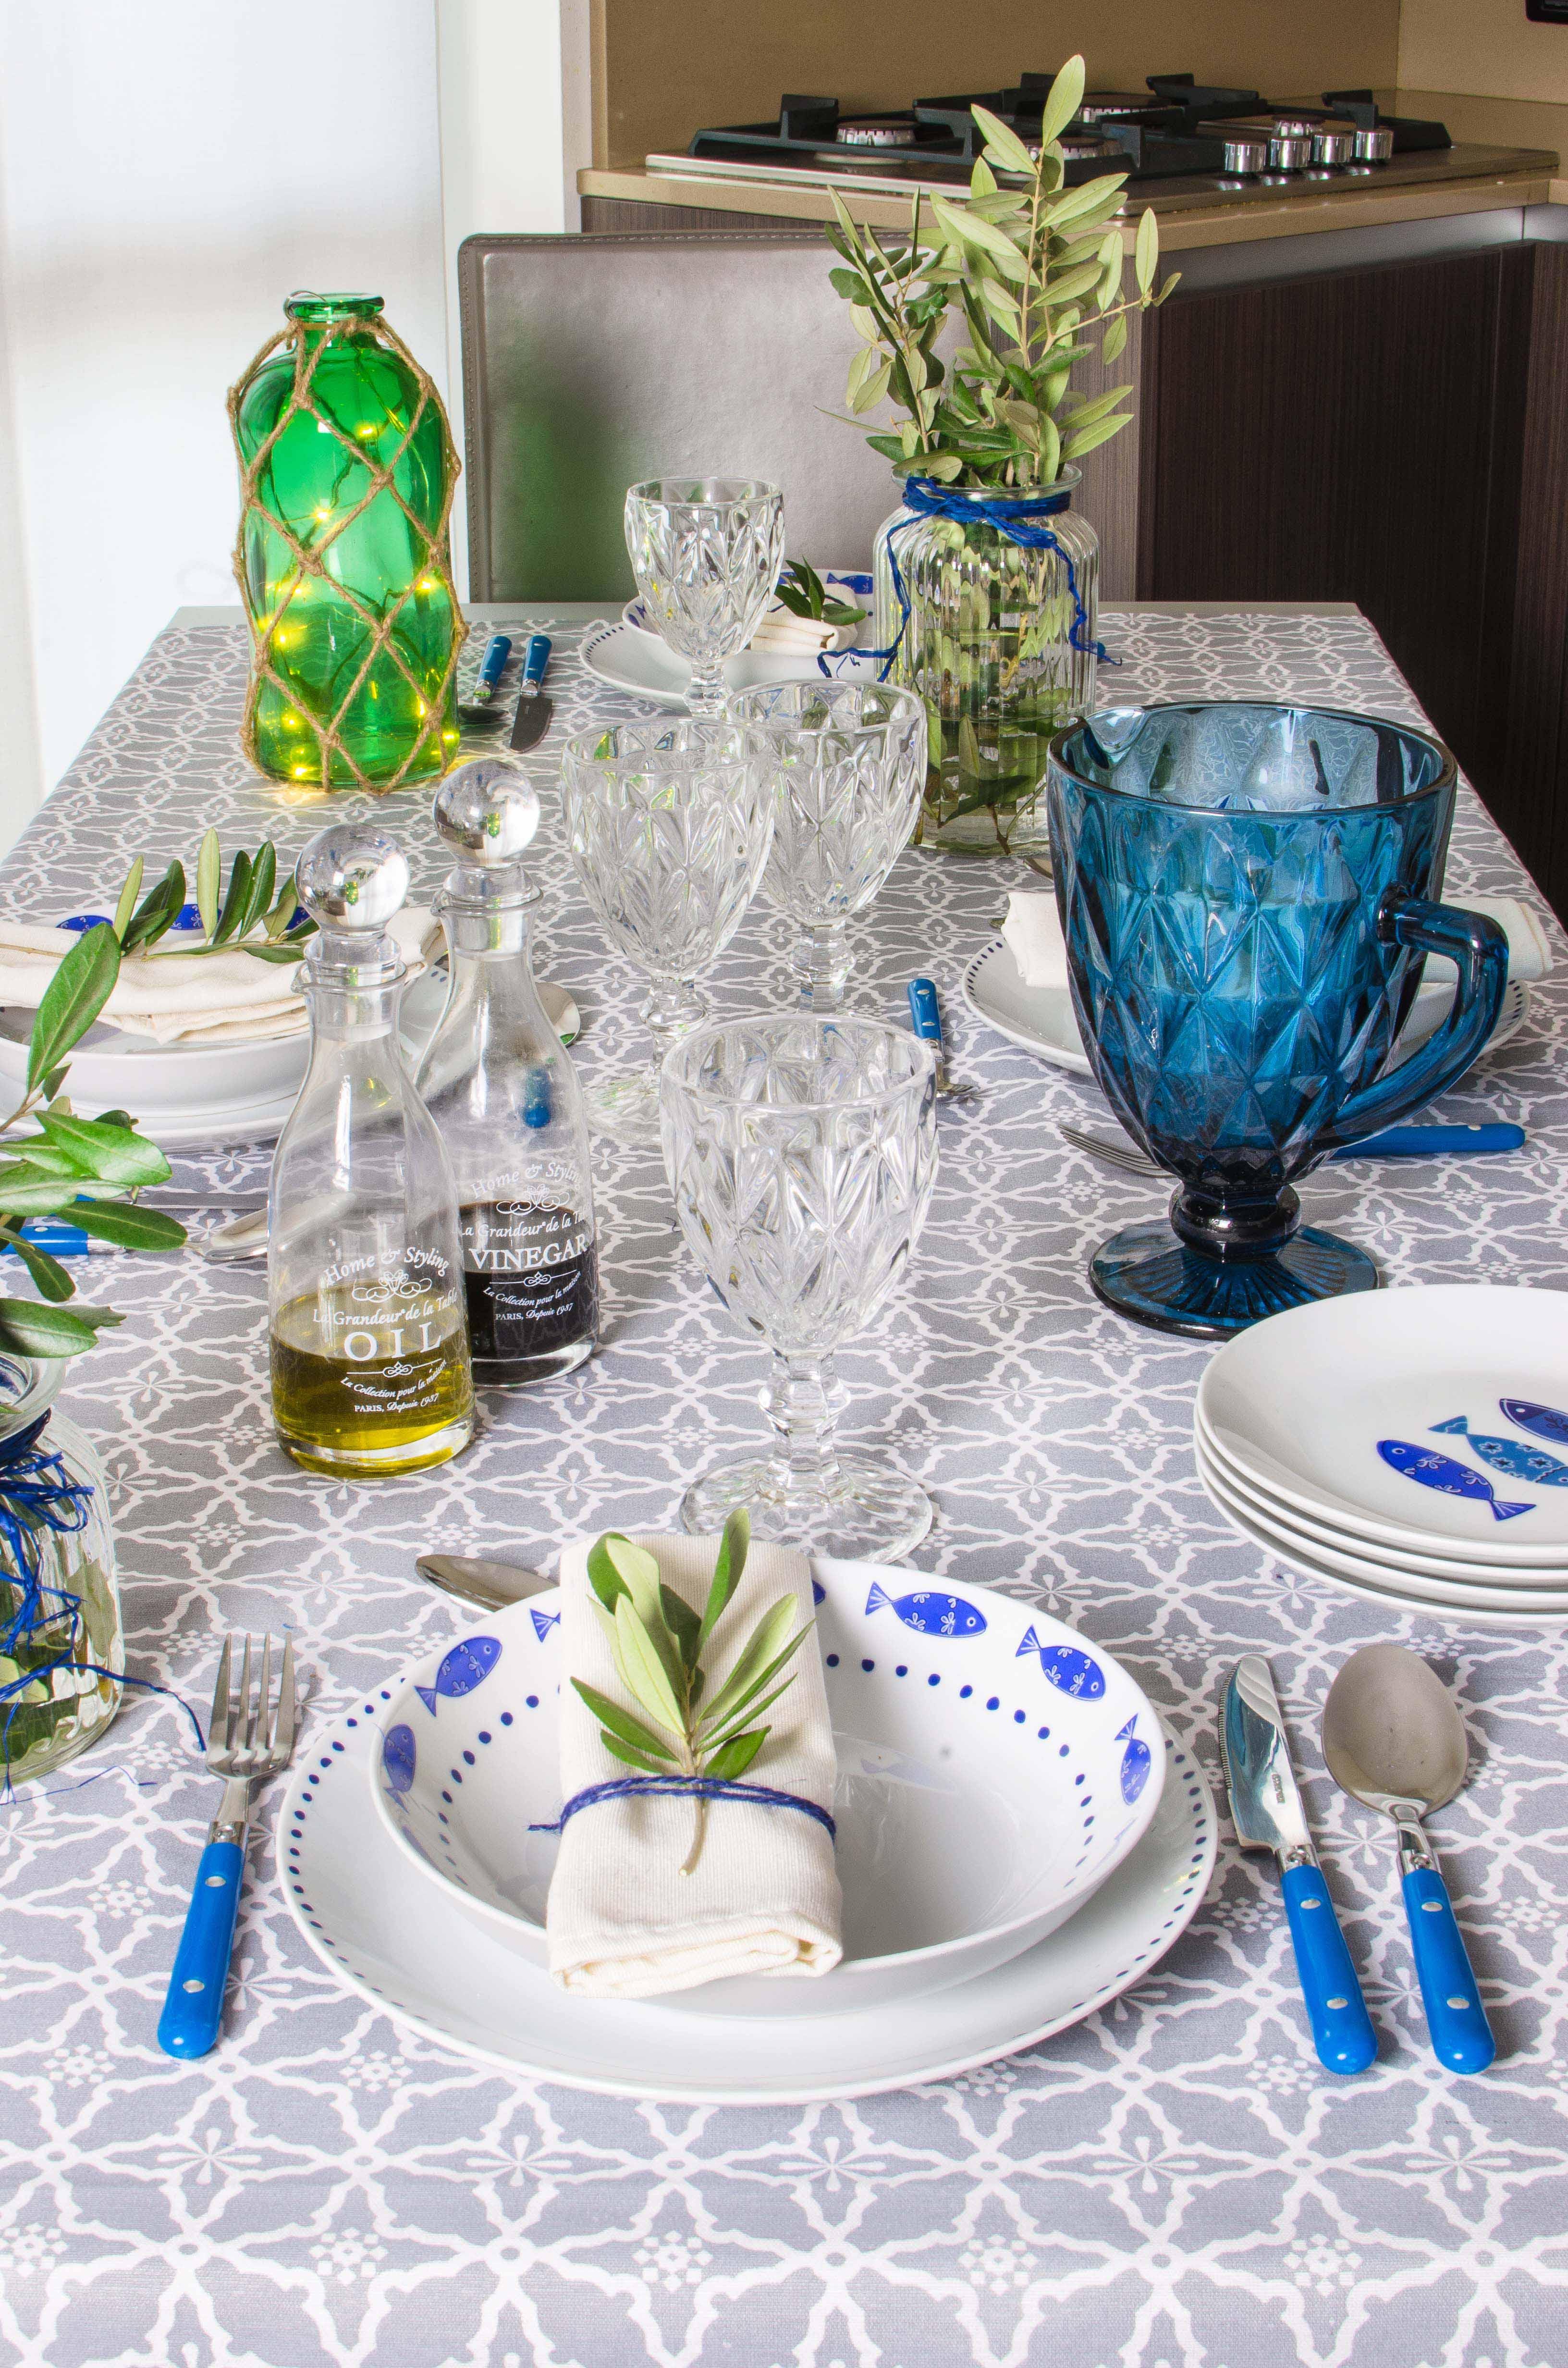 euronova-tavola-blu-apparecchiata La mia tavola blu mediterraneo